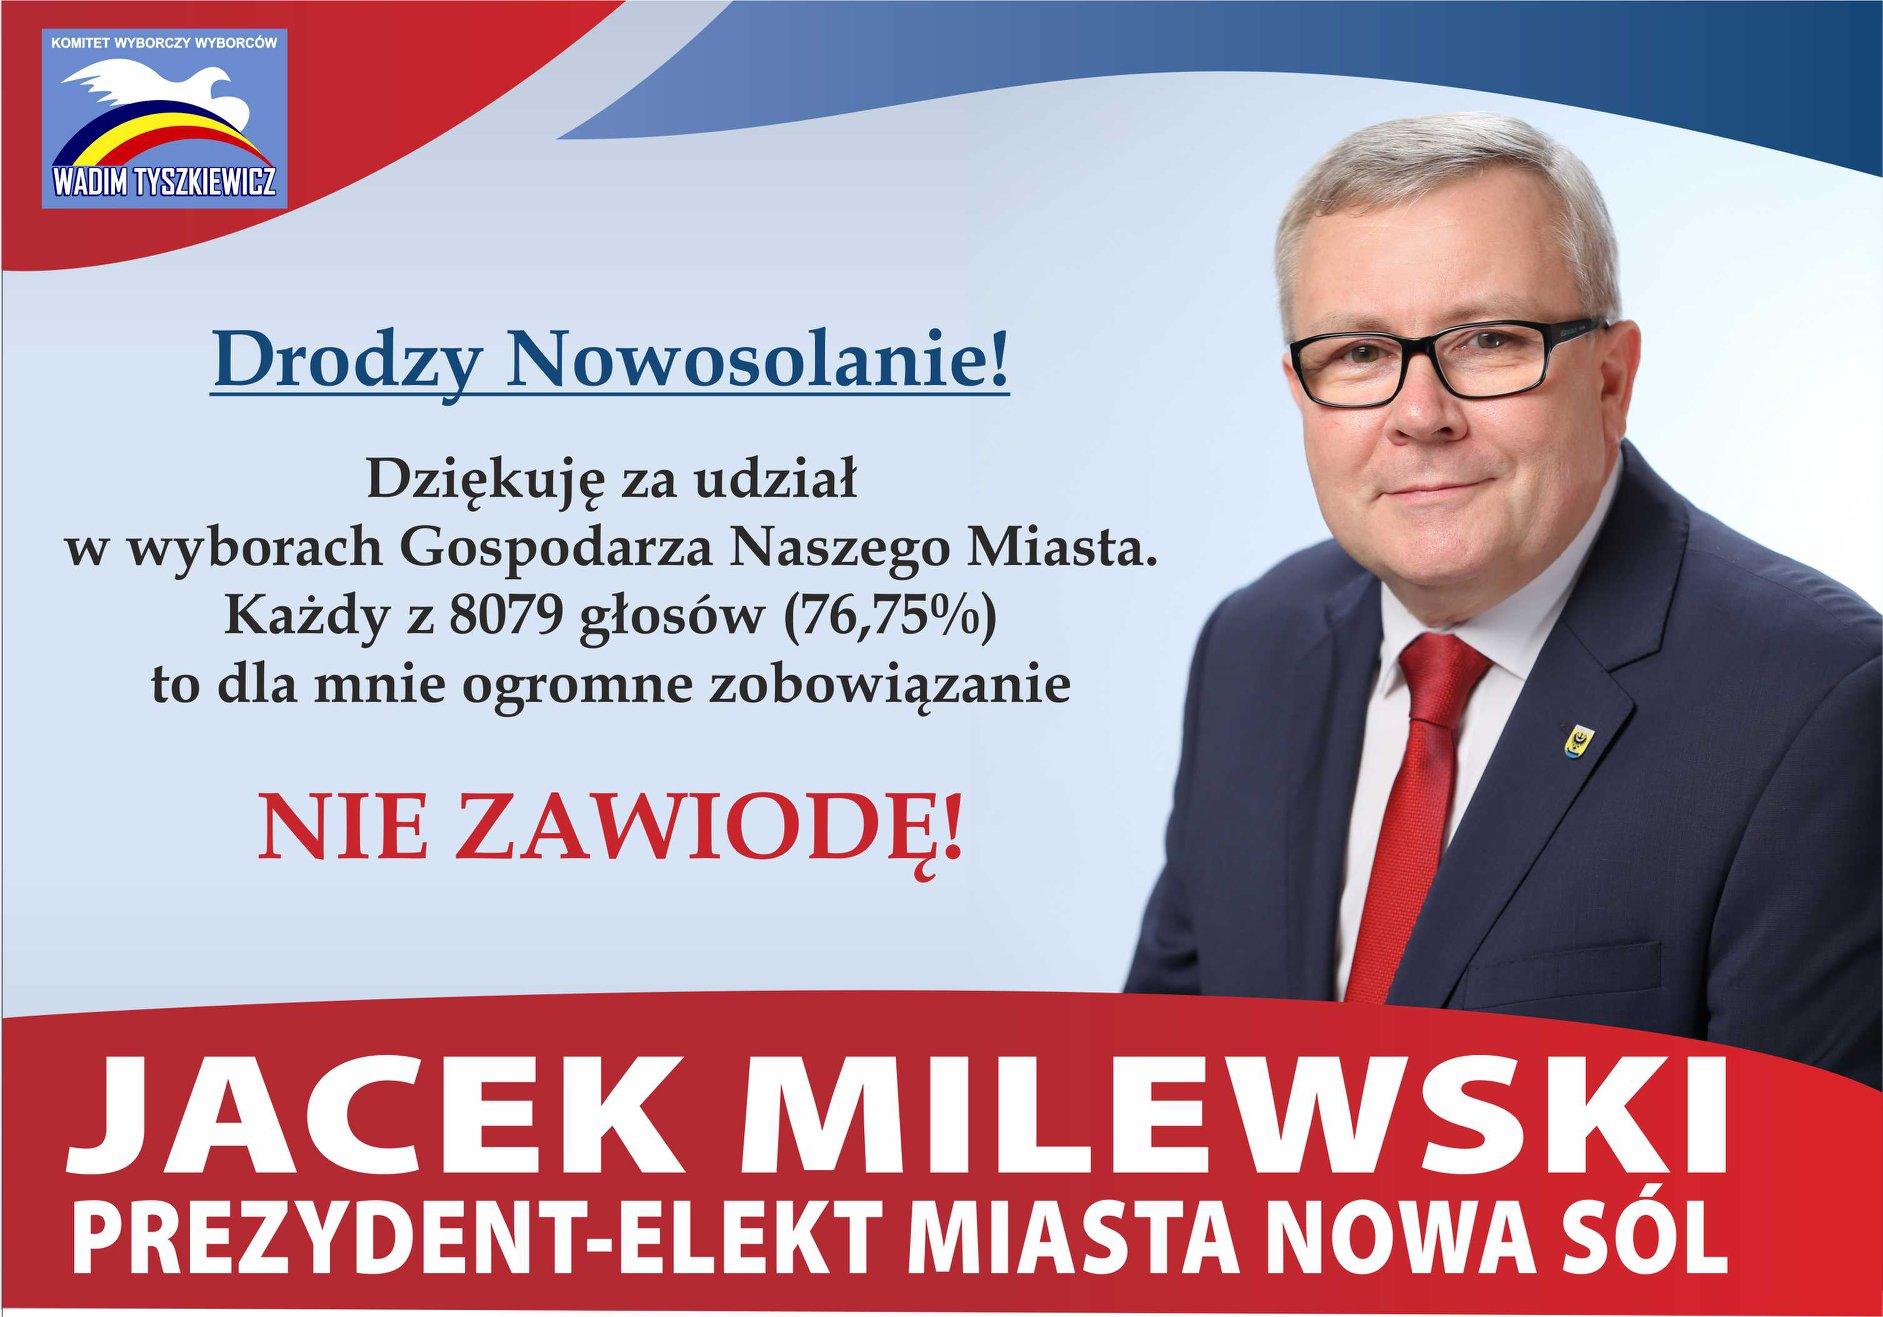 Jacek Milewski podziękował wszystkim wyborcom za pośrednictwem mediów społecznościowych (Fot. Jacek Milewski Facebook)